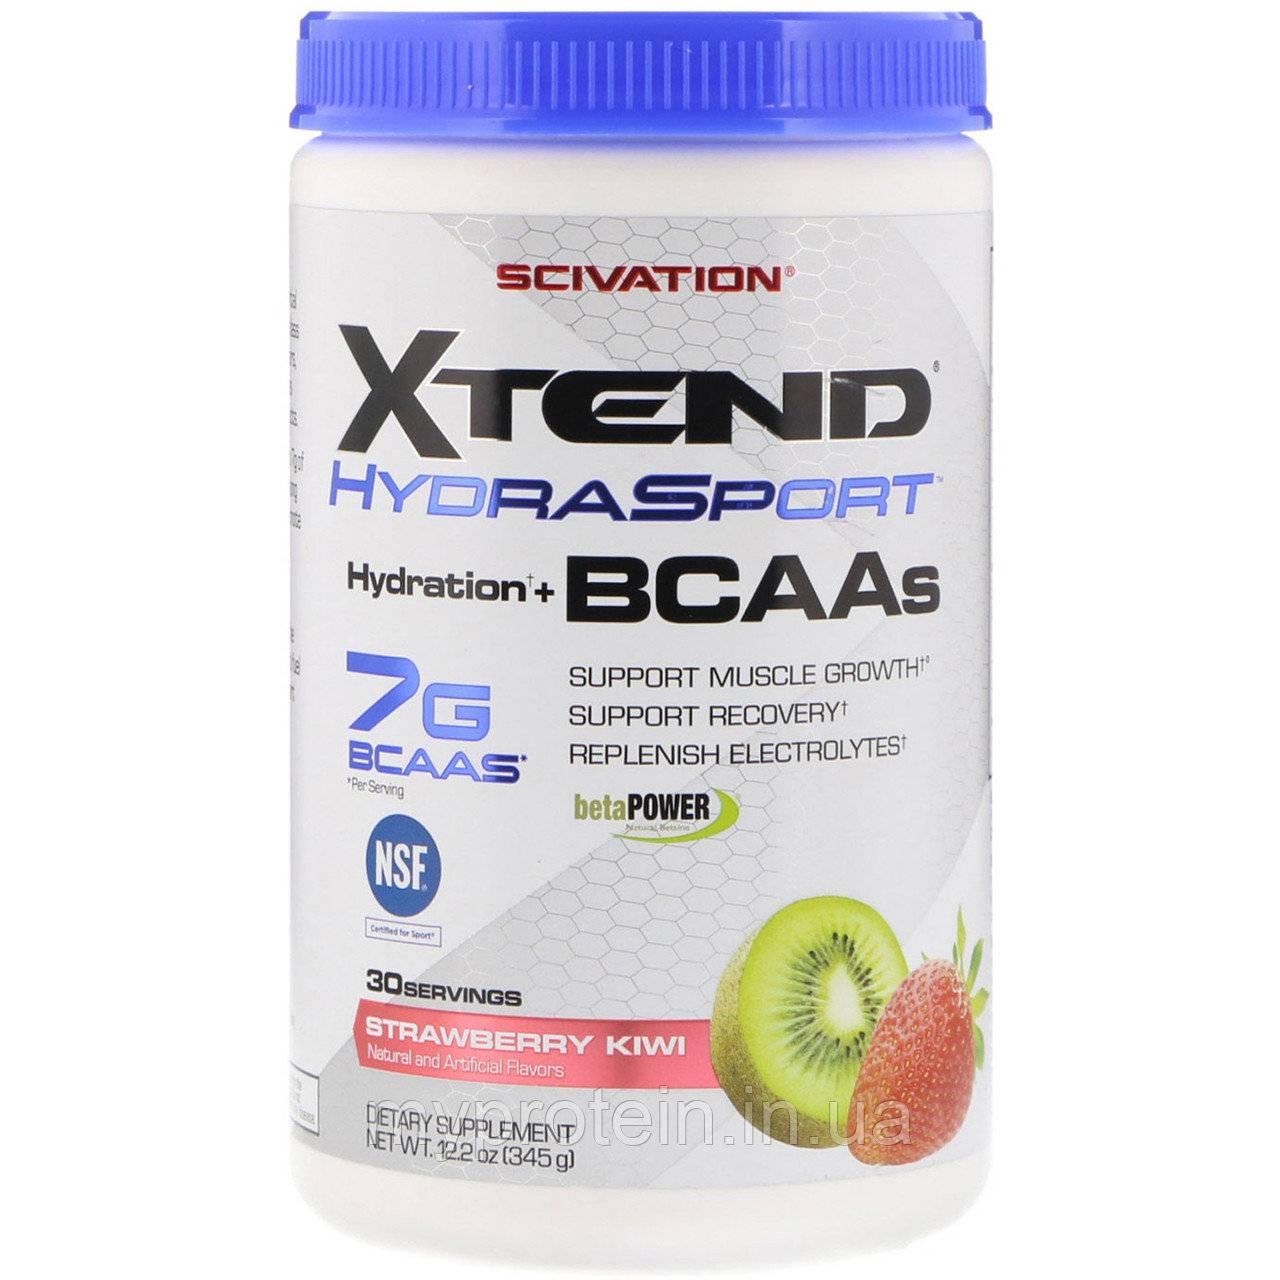 Как правильно принимать bcaa в таблетках, капсулах и порошковой форме